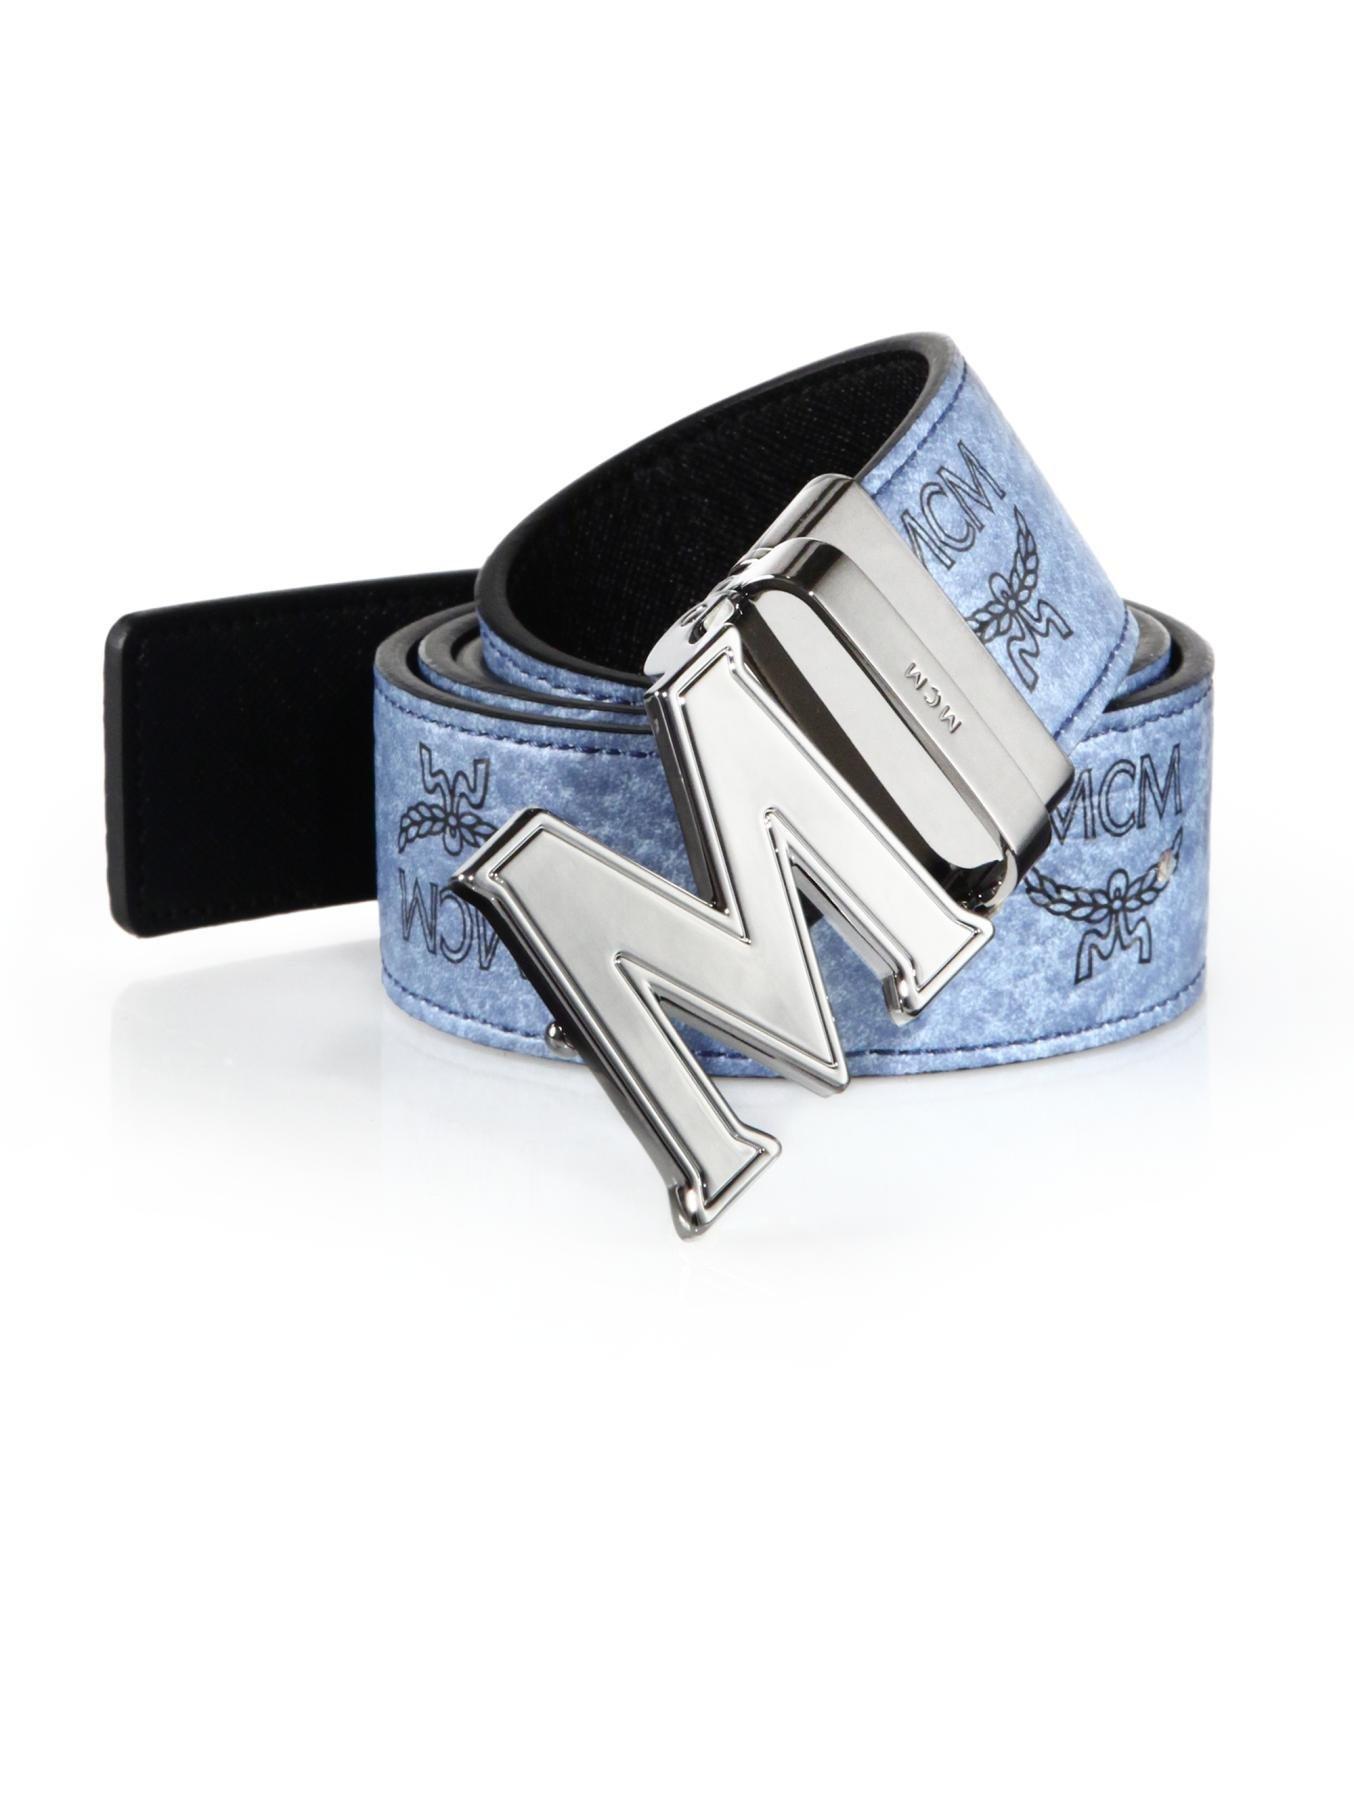 e1739b8fe83f Lyst - MCM Claus Reversible Belt in Blue for Men